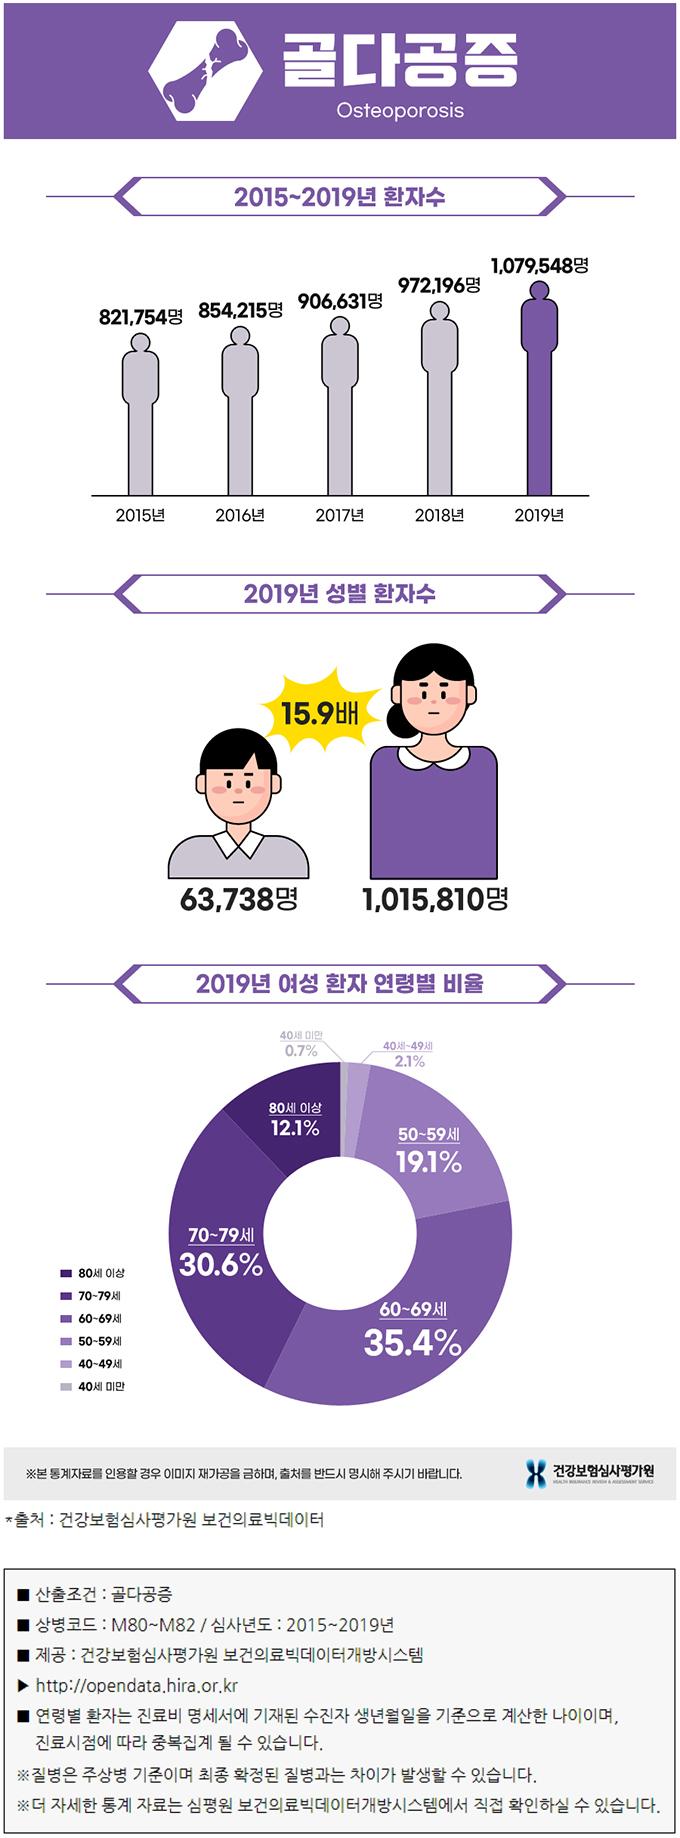 골다공증 통계 자료